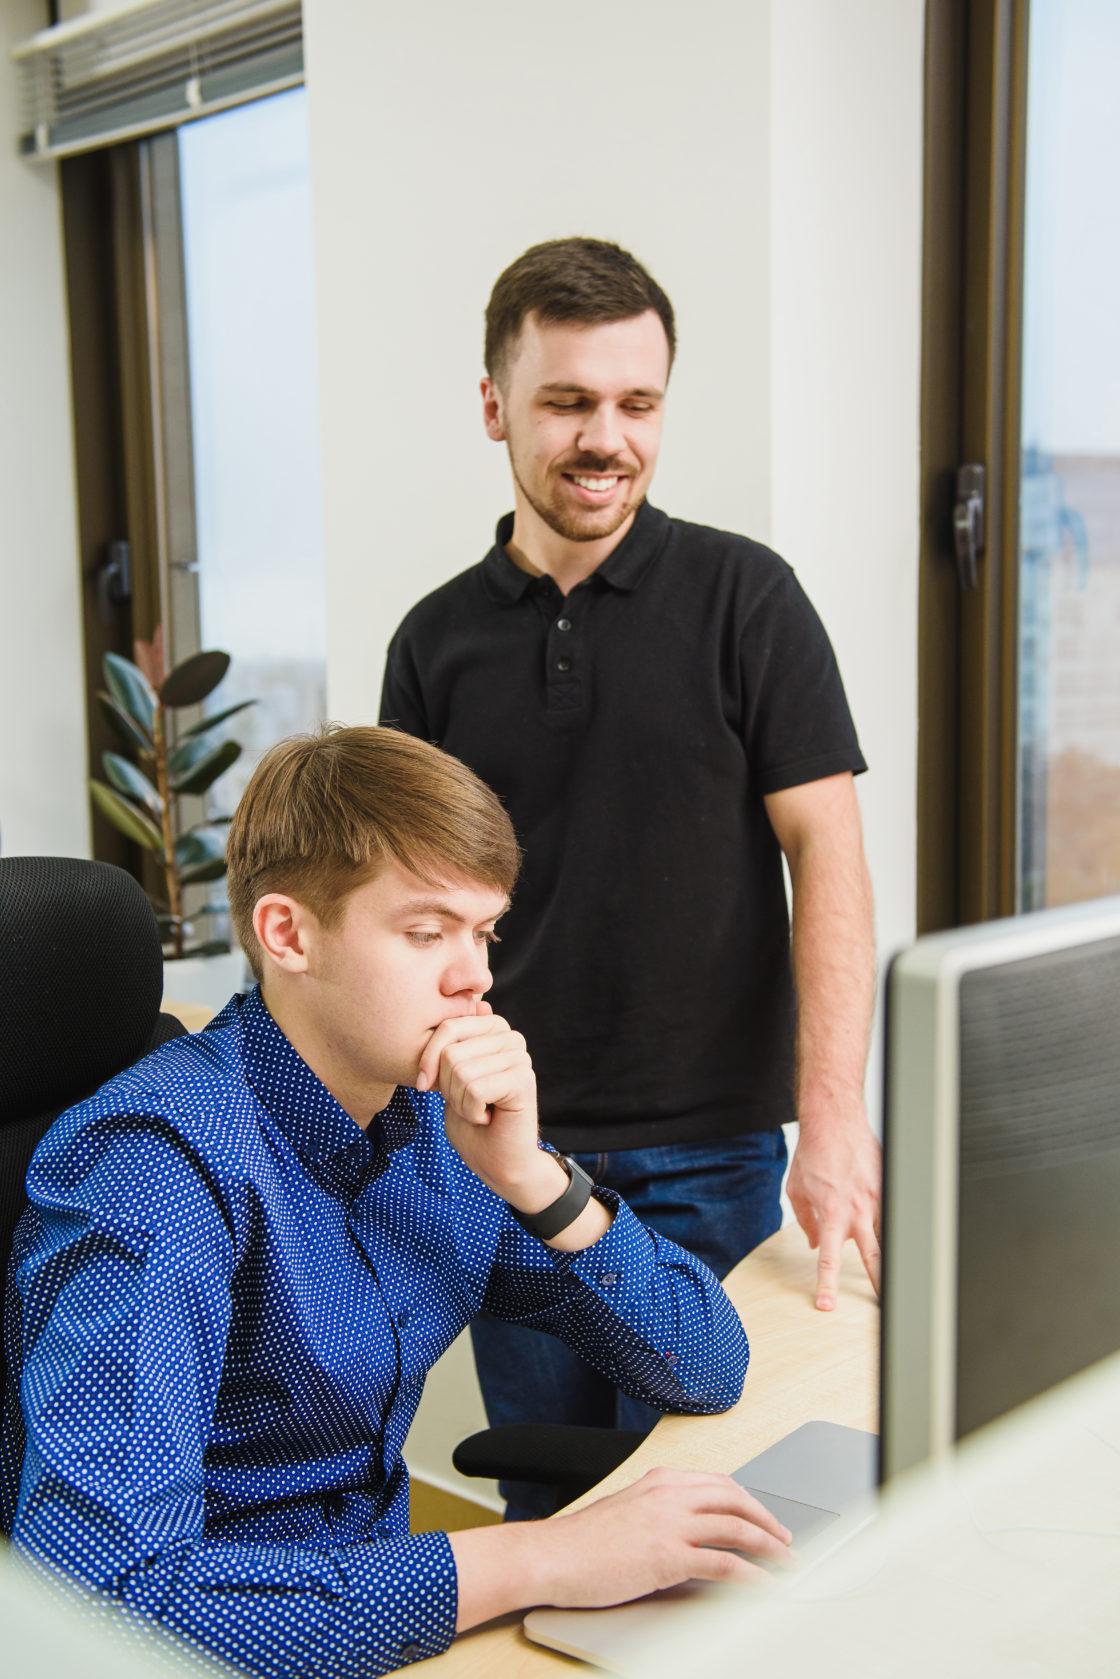 Интервью: Владимир Воробьев: «Если технологии и разработка — ваше призвание, станьте настоящими профессионалами в этой сфере». Рабочий процесс в компании